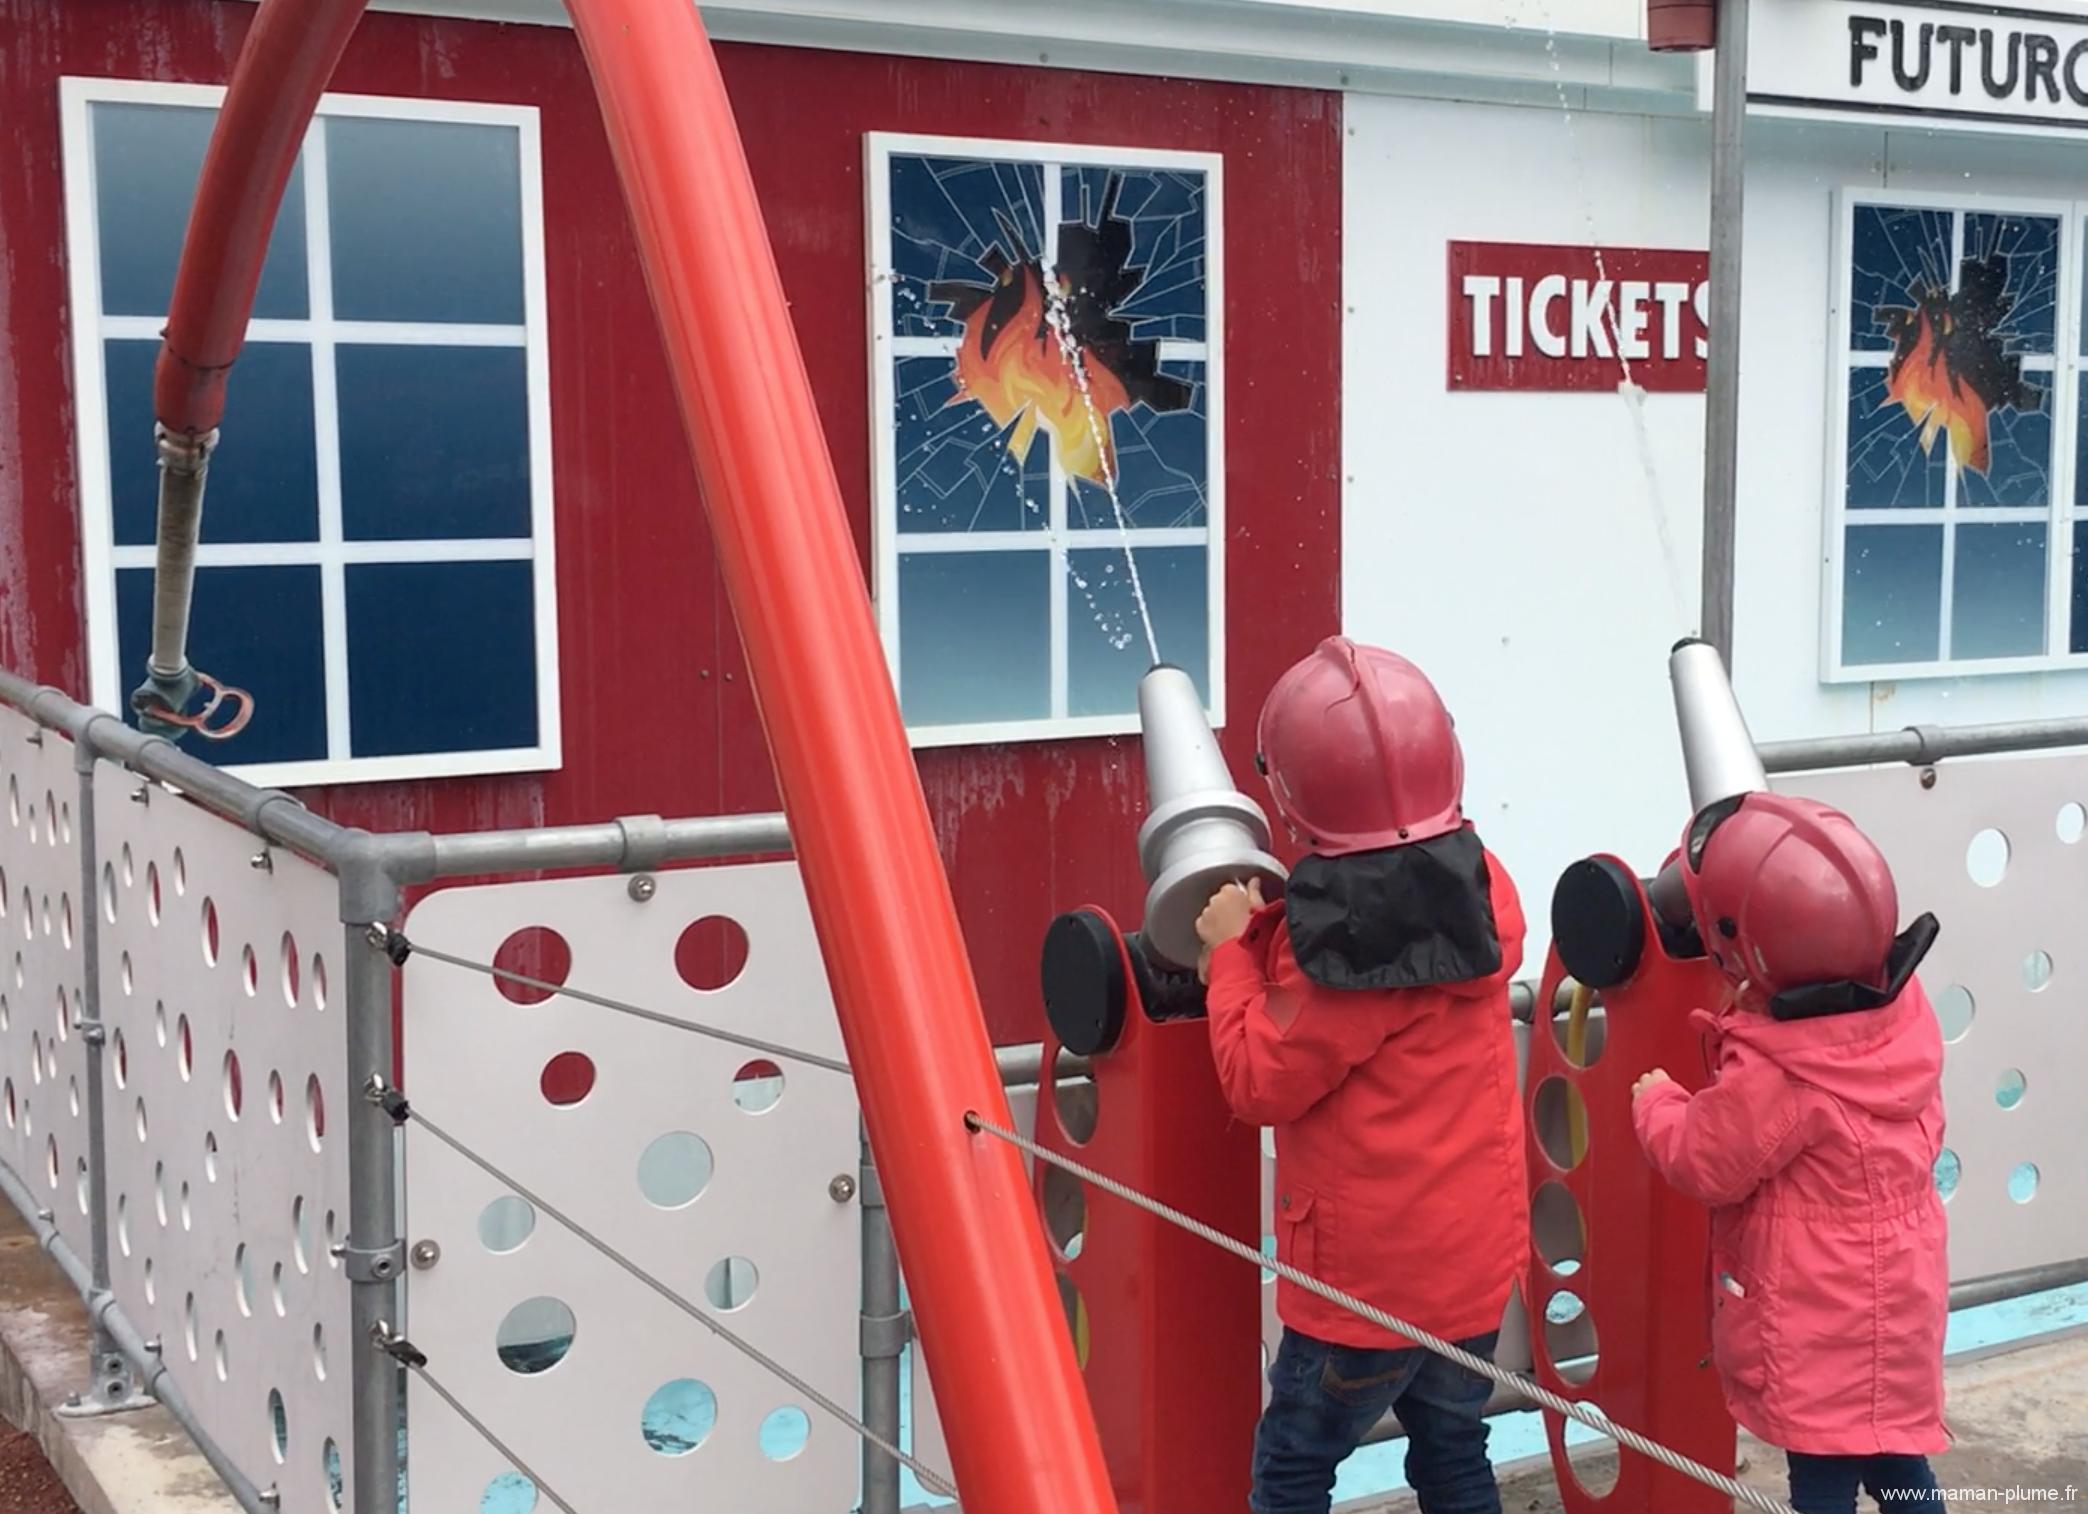 Le Futuroscope avec de jeunes enfants, astuces et bons plans